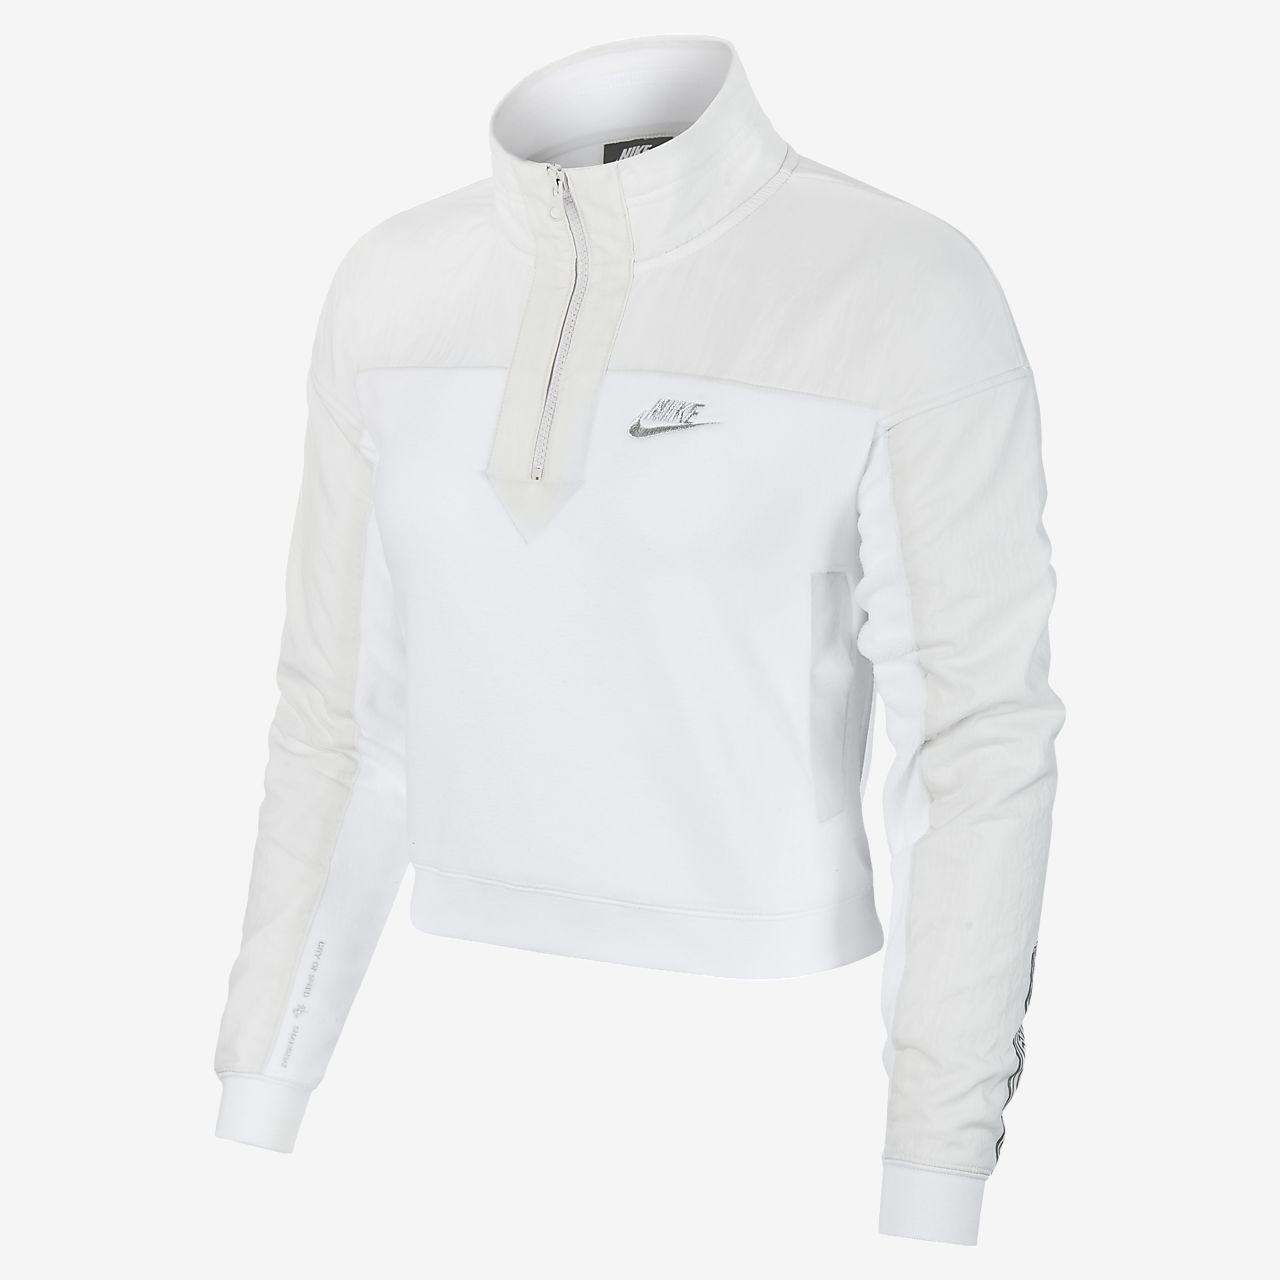 Nike Sportswear 女子半长拉链开襟起绒上衣